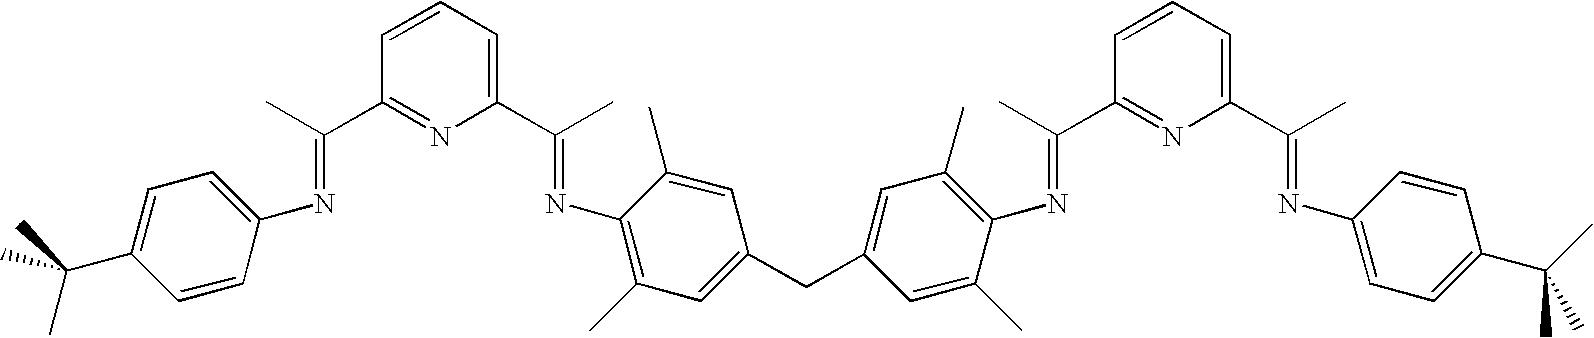 Figure US07045632-20060516-C00024